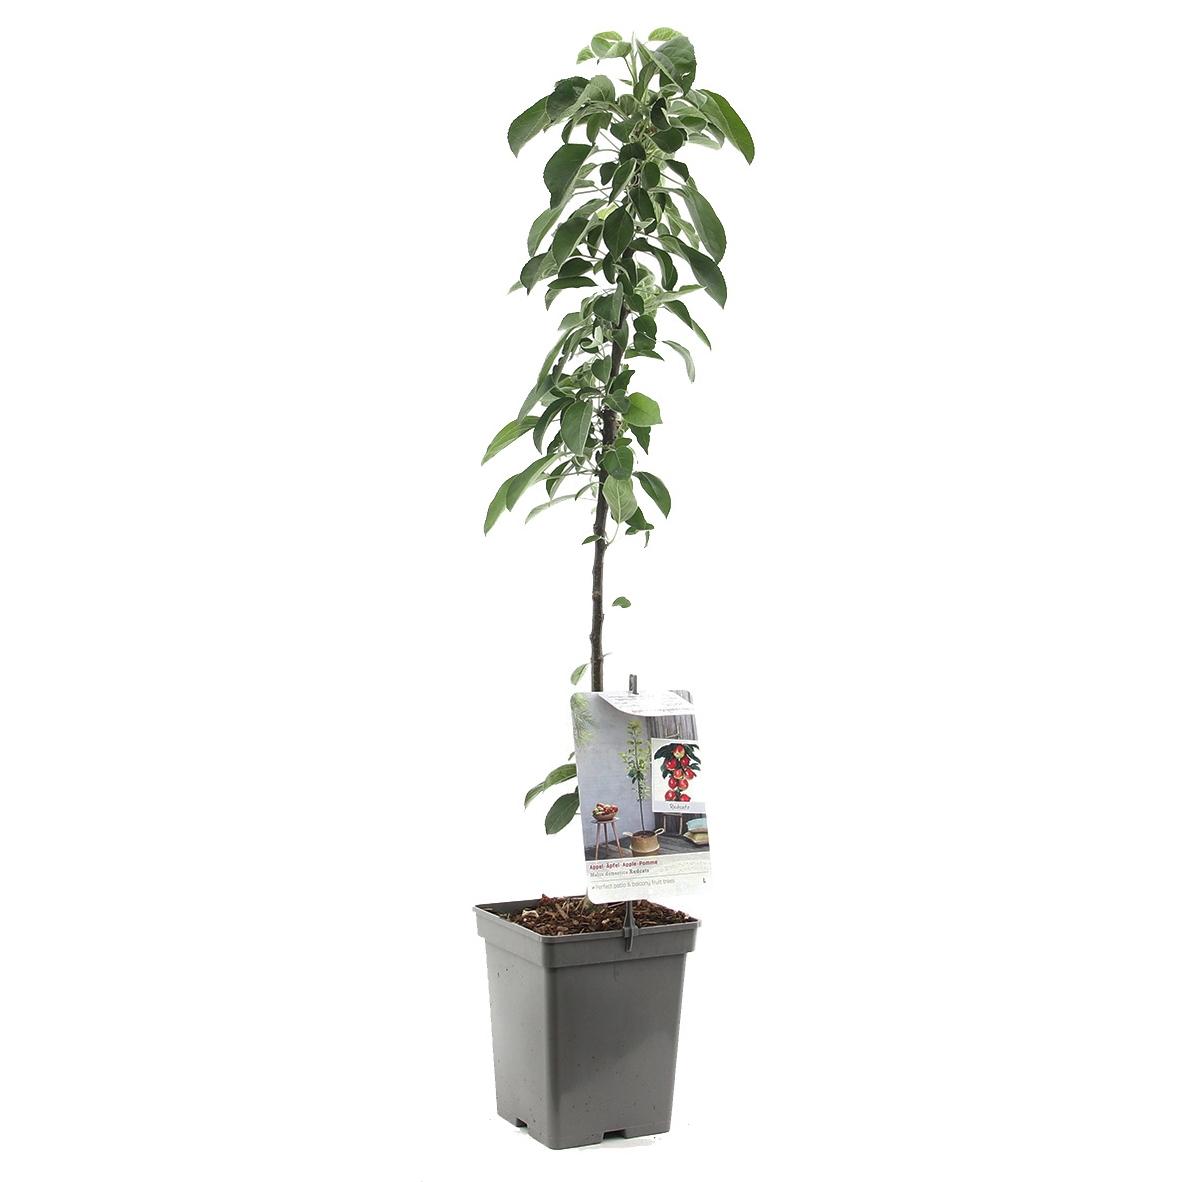 Zuil-appelboom Malus domestica 'Redcats'